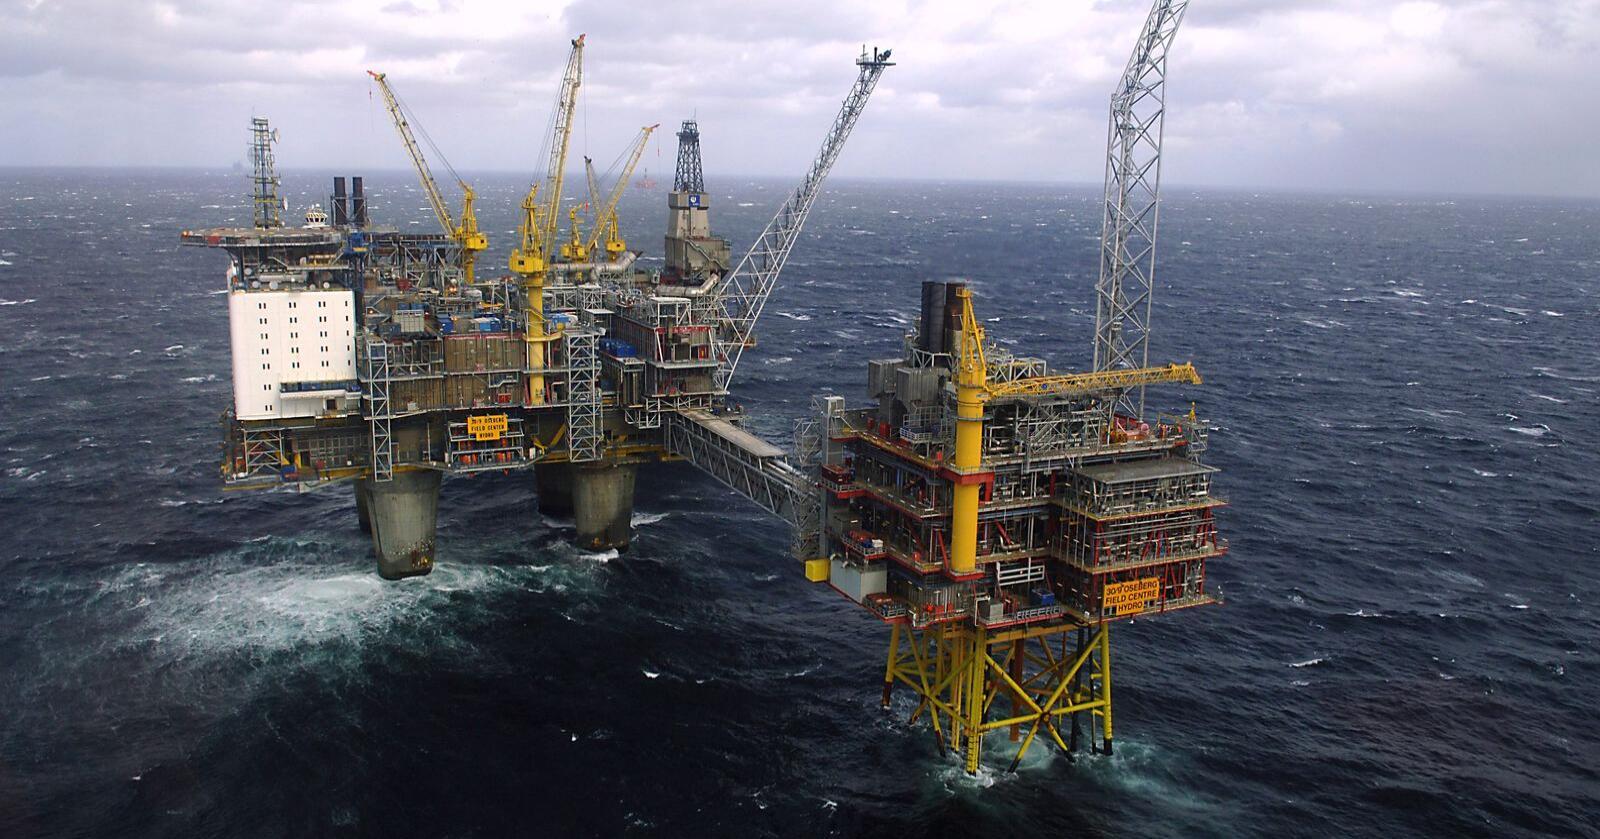 Oljenæringa skal utvikles videre, og det åpnes for videre leting på norsk sokkel. Foto: Helge Hansen/NTB